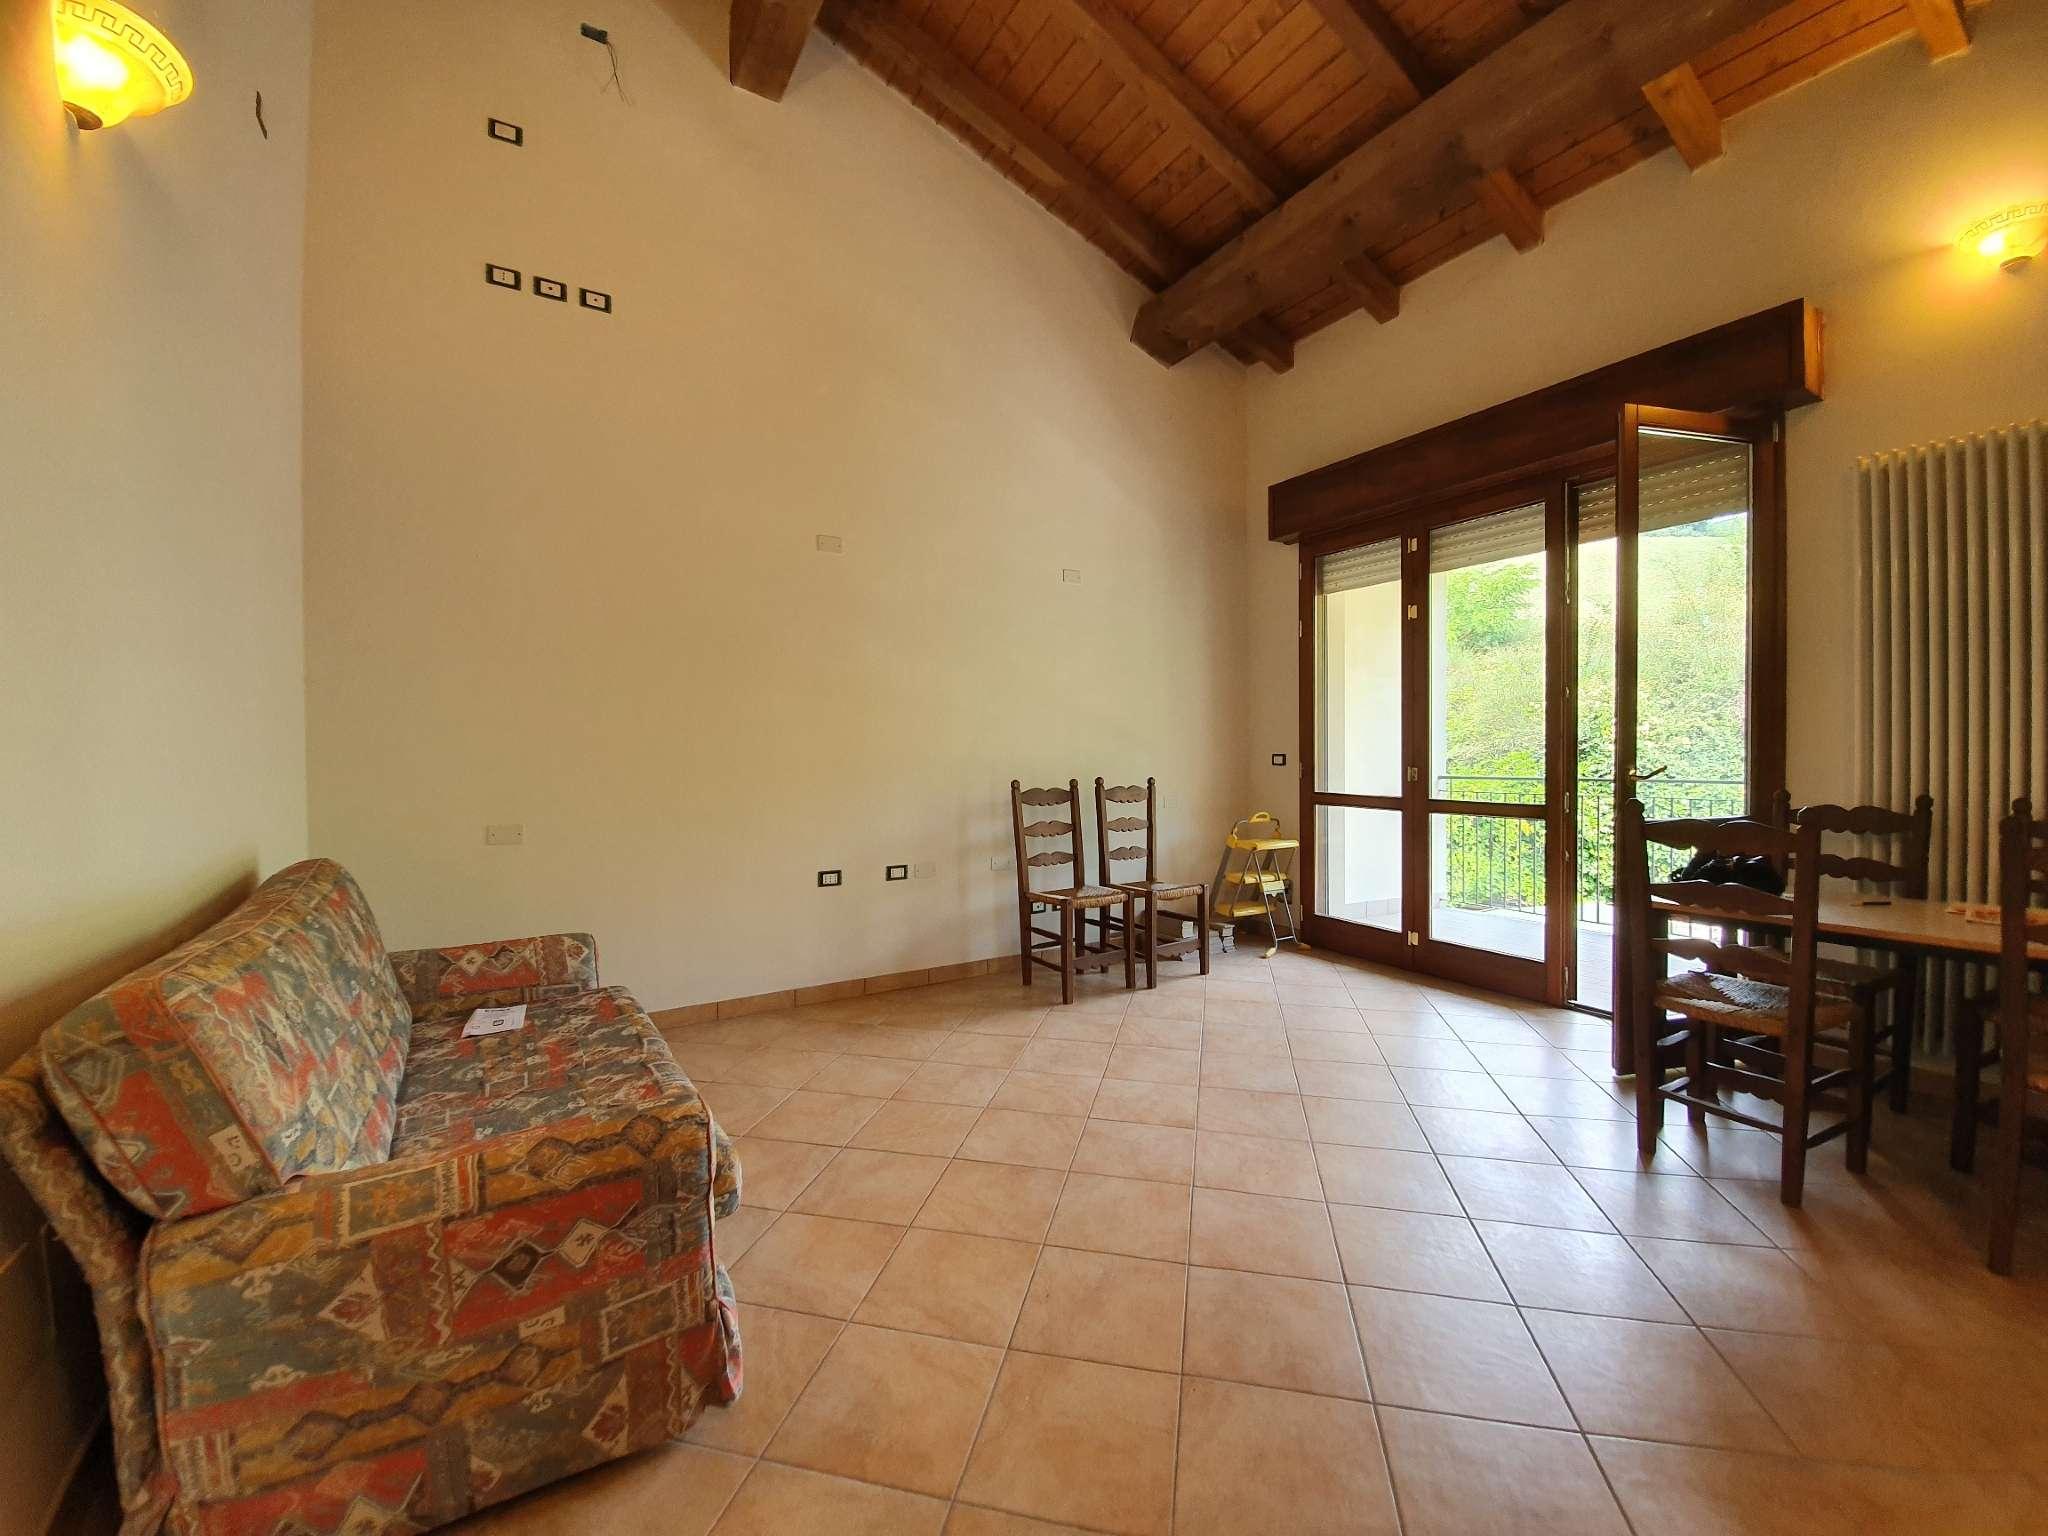 Appartamento in vendita a Monzuno, 4 locali, prezzo € 135.000 | PortaleAgenzieImmobiliari.it